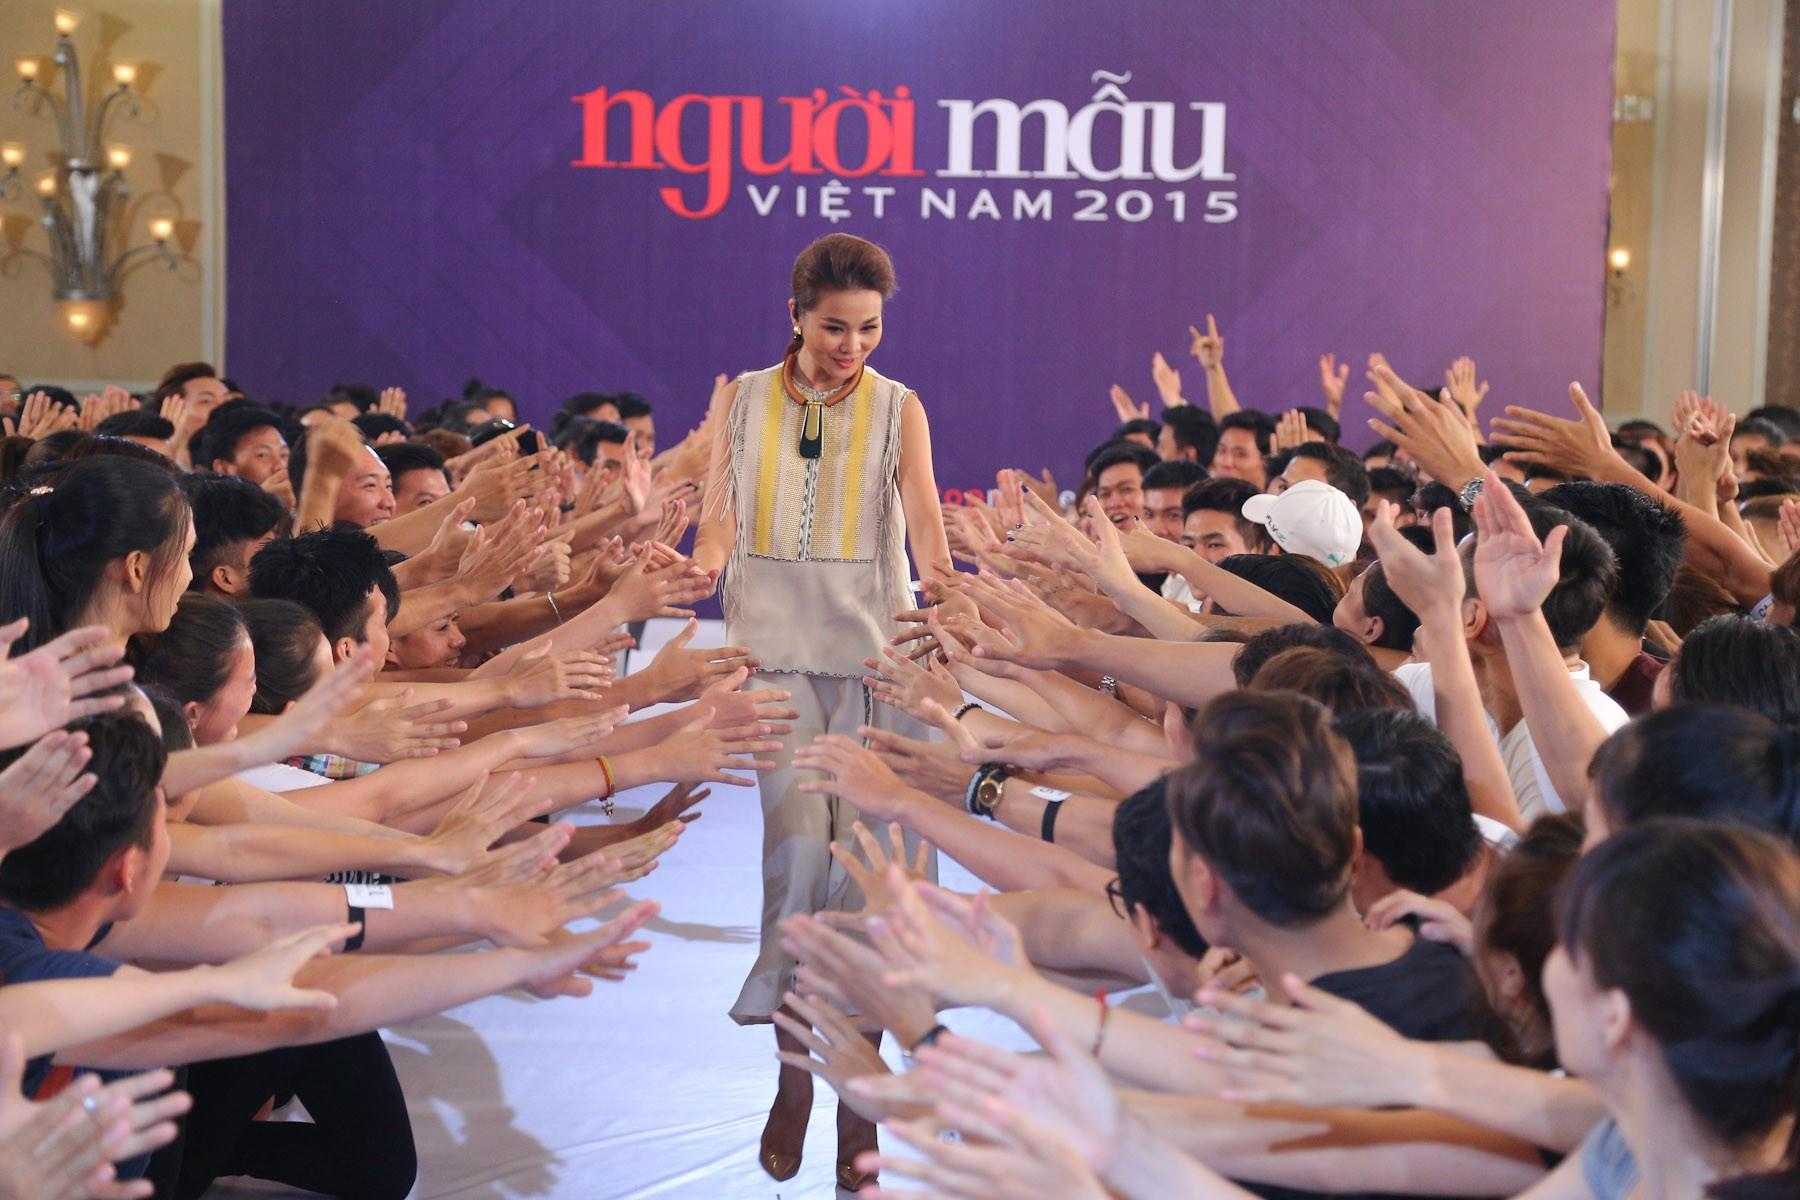 Vietnams Next Top Model 2019: Thanh Hằng khó tham gia mùa 9, Võ Hoàng Yến, Hương Giang được dân mạng ủng hộ - Ảnh 8.